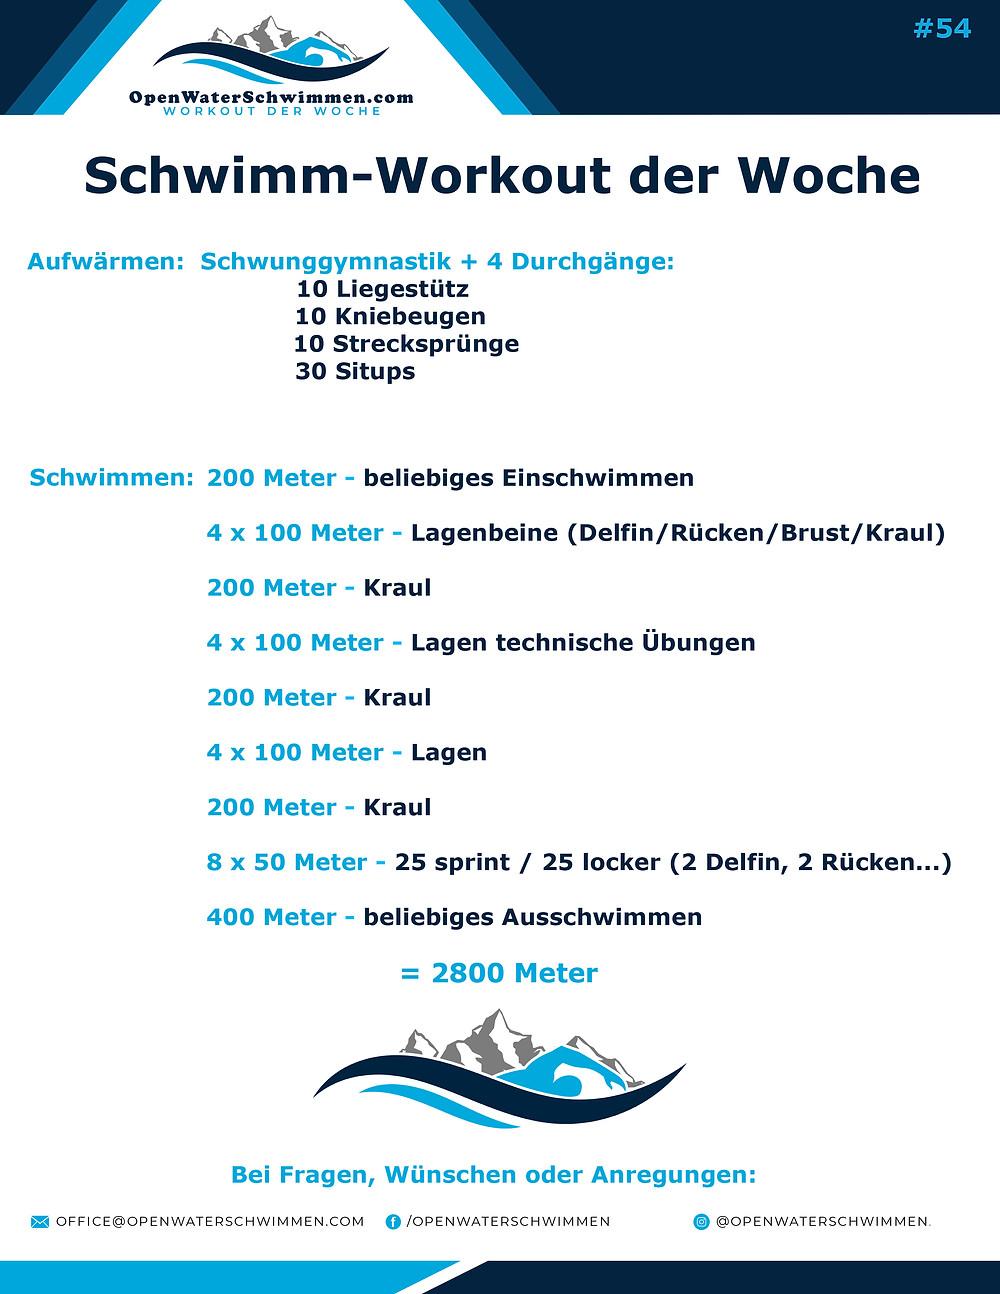 Schwimm-Workout der Woche für Triathleten und Schwimmer